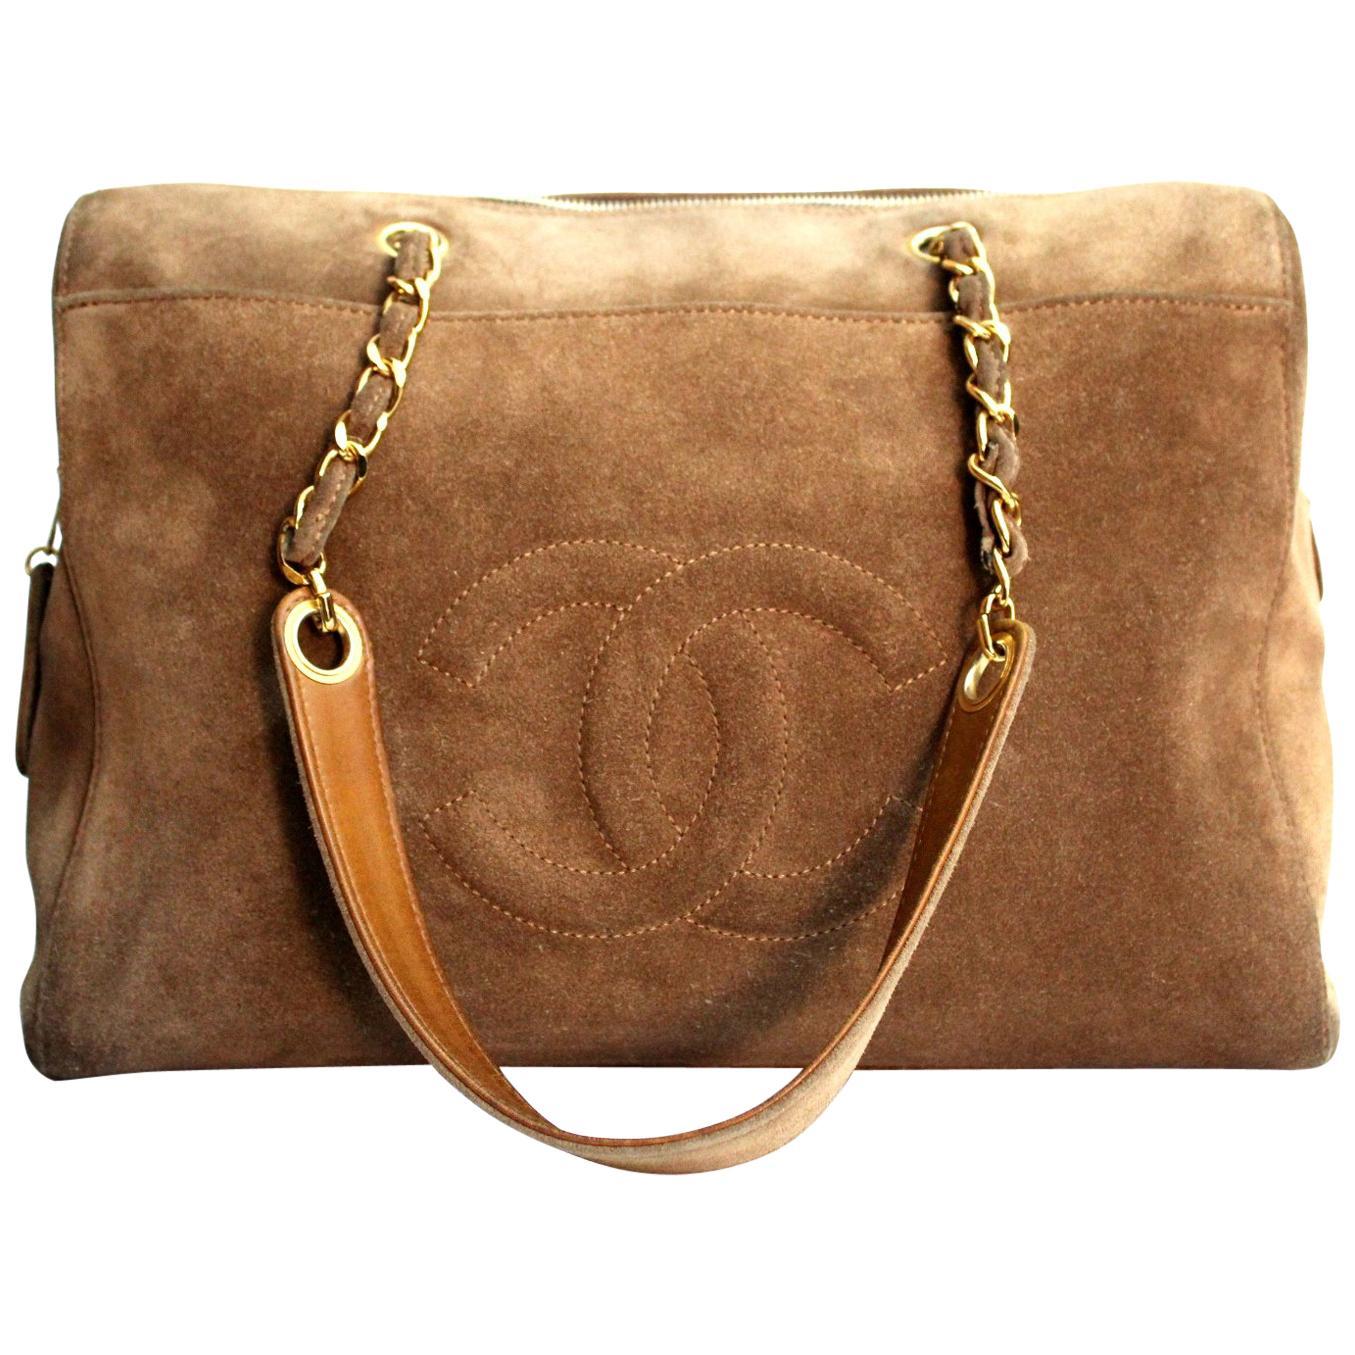 1990s Chanel Beige Chamois Vintage Shoulder Bag